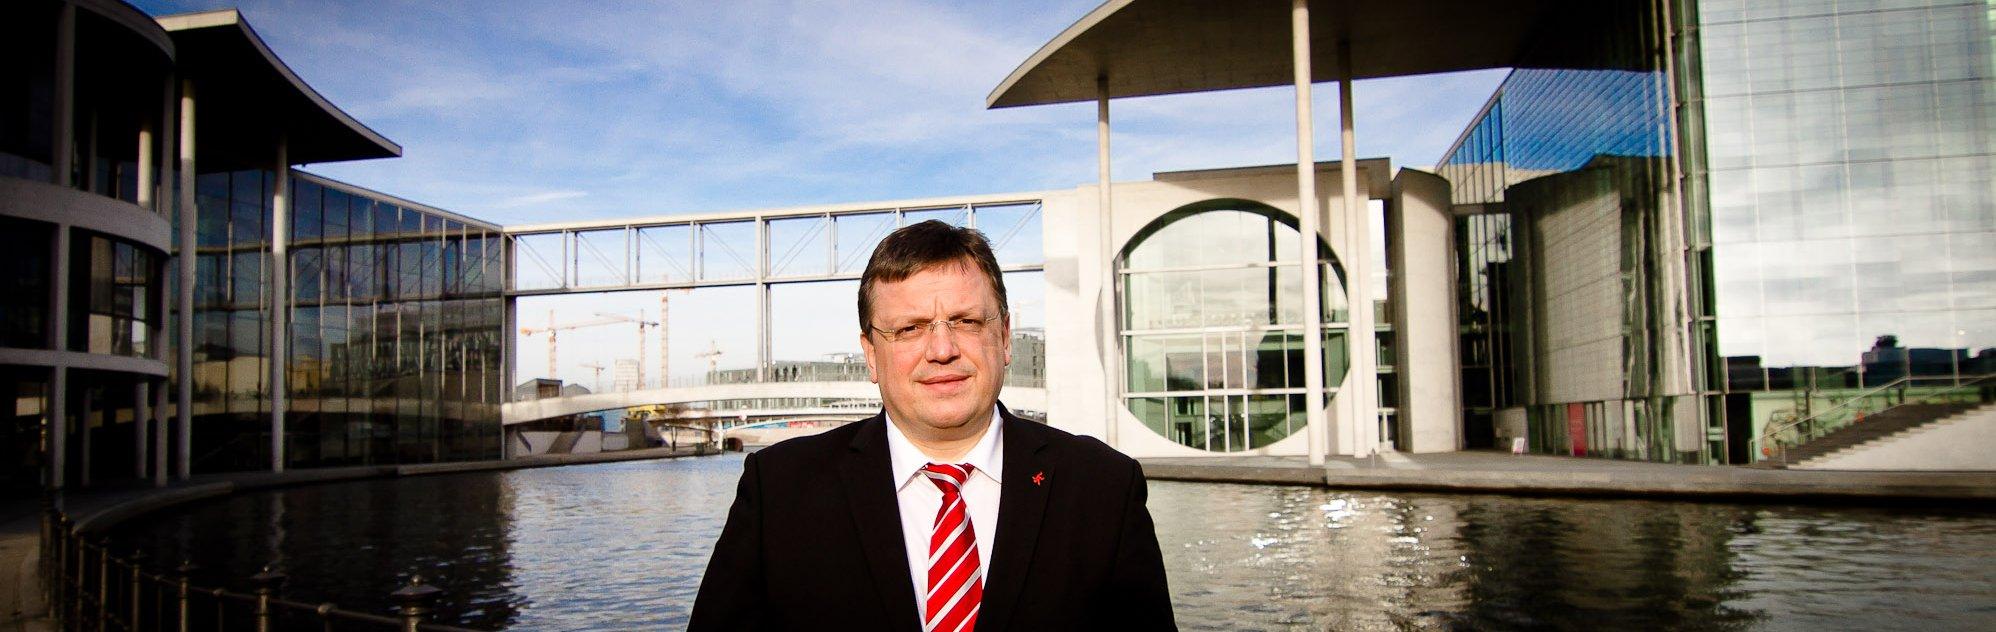 Andreas Rimkus begrüßt die erzielte Einigung von ver.di zum Zukunftskonzept Ausbildung bei der Deutschen Telekom AG